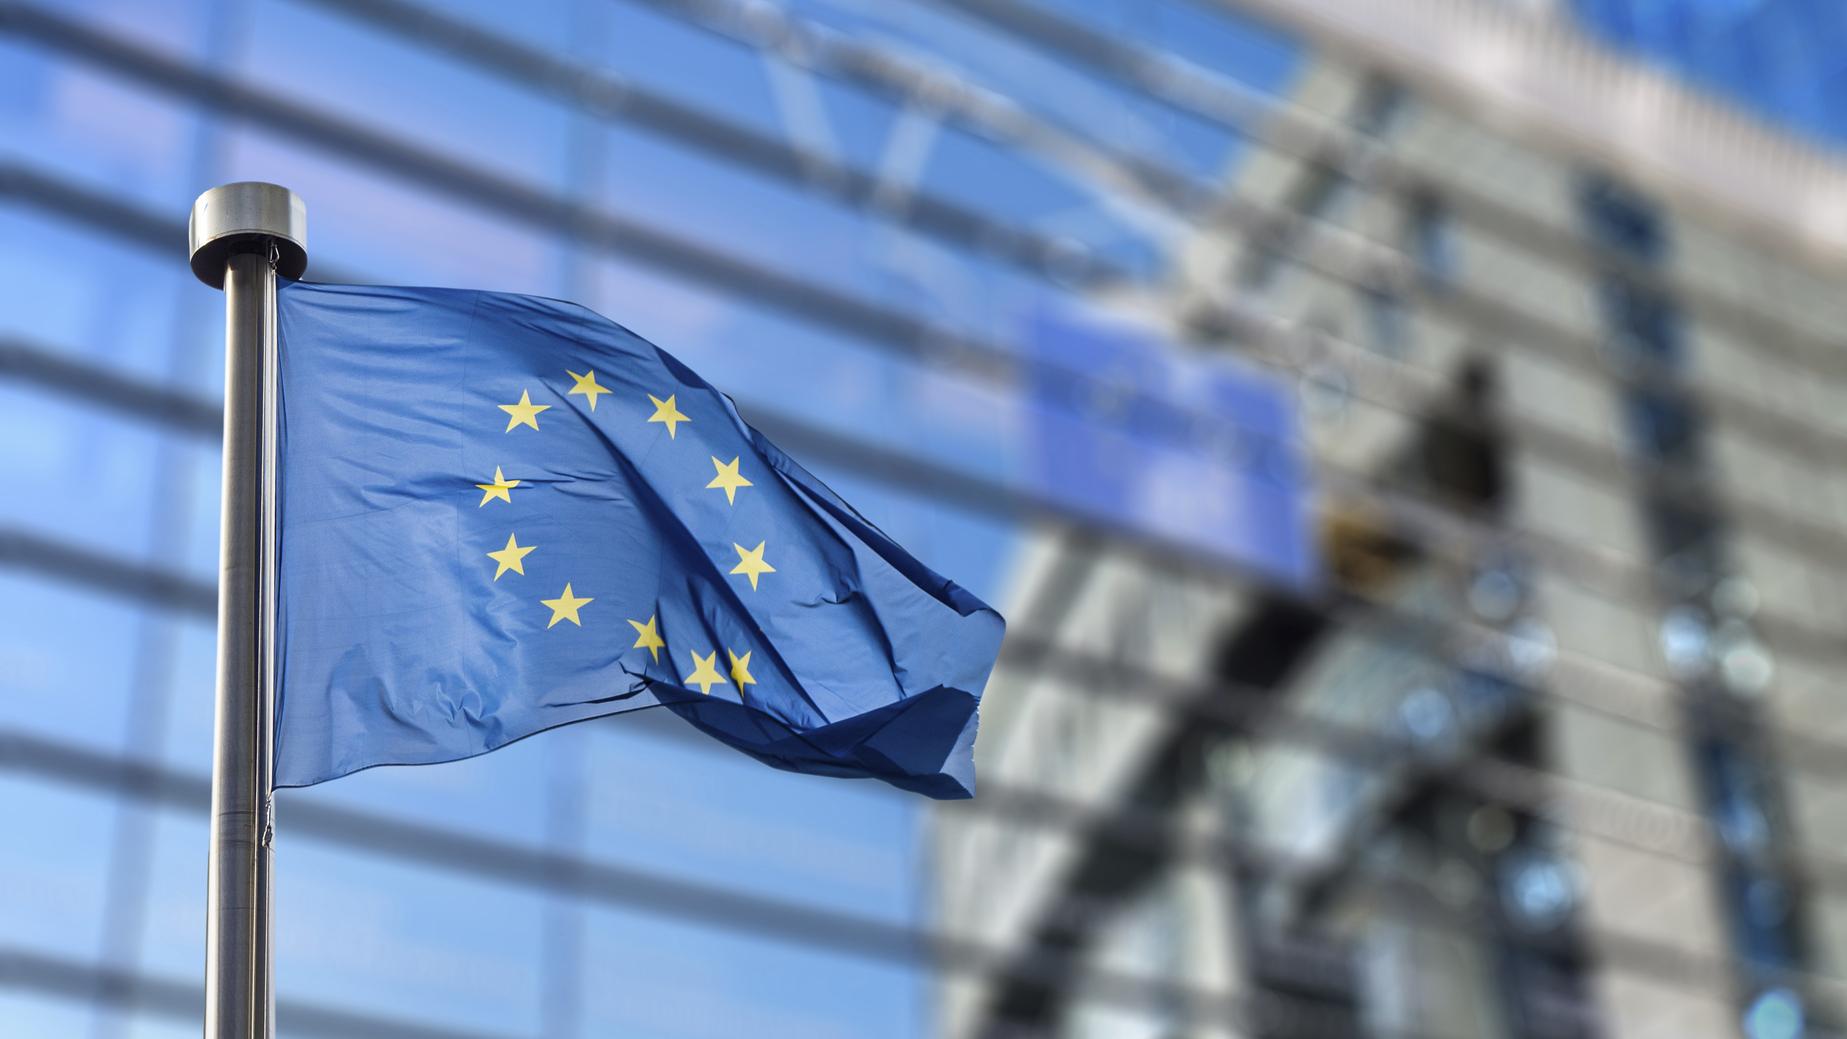 4.2. Lignes directrices de l'Union européenne (UE)